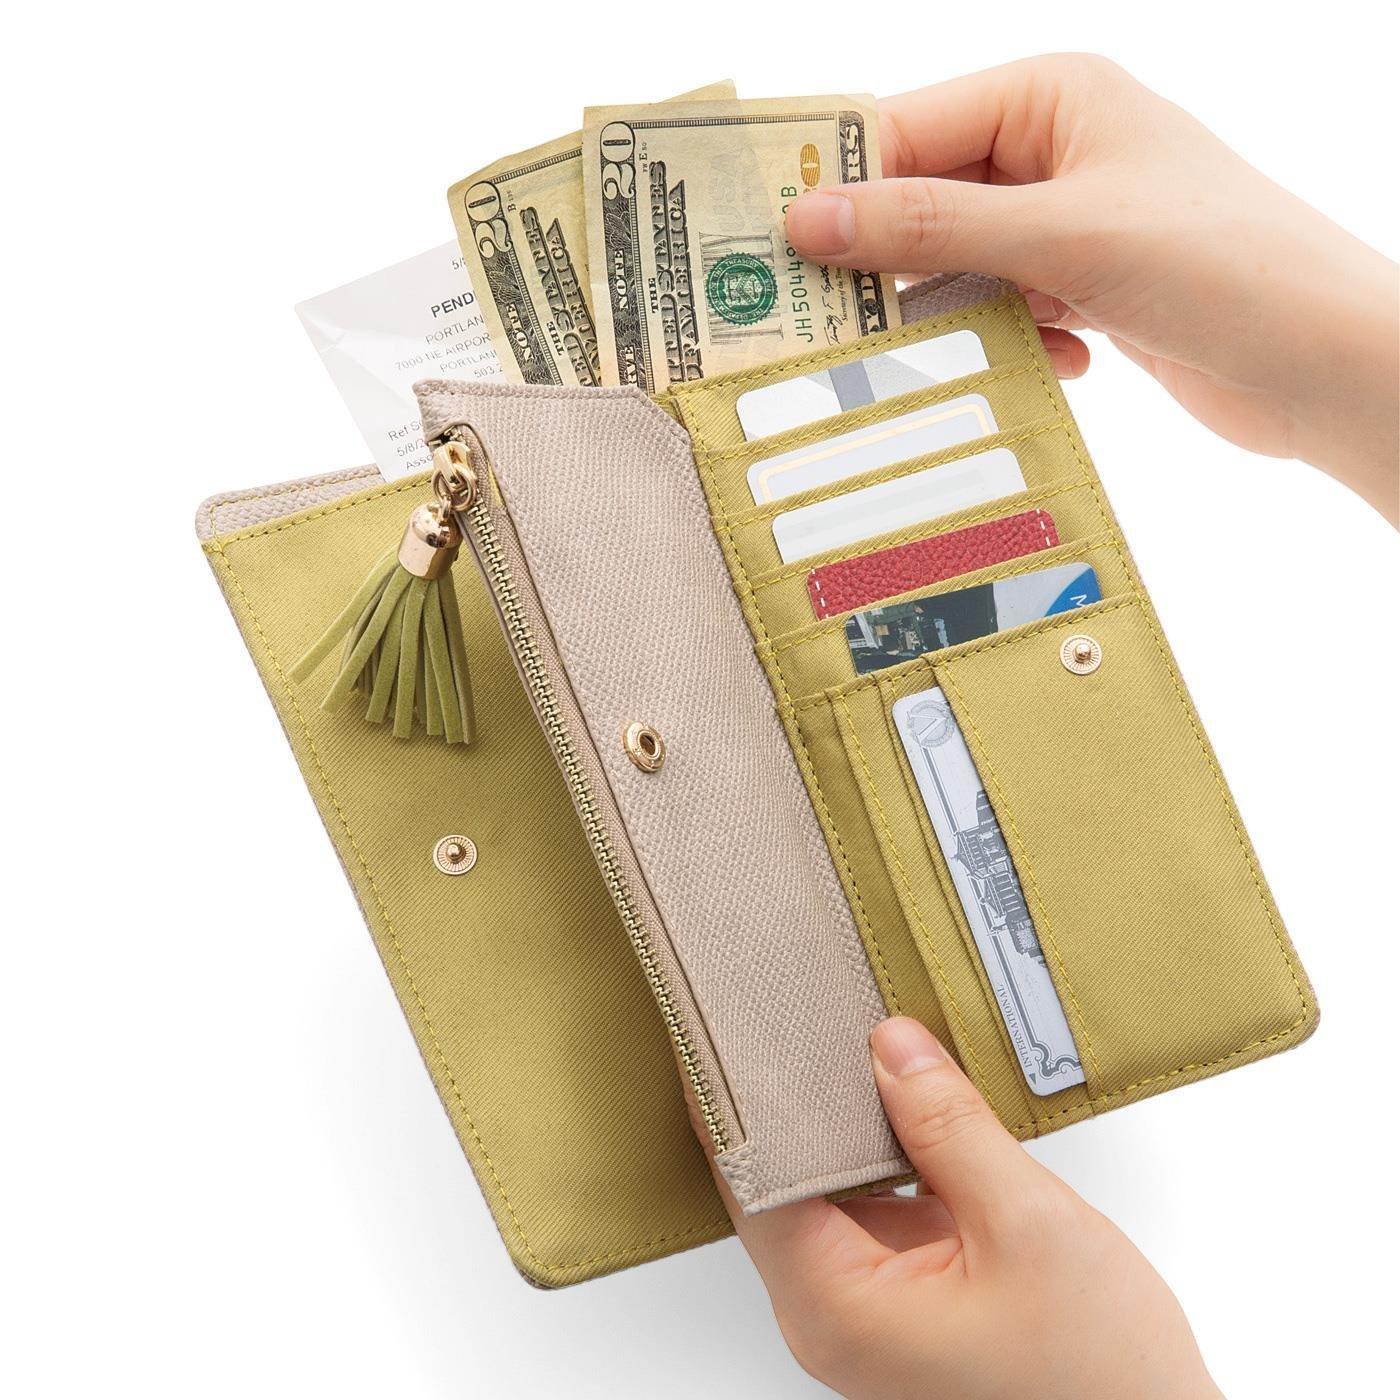 縦入れだからコンパクトにすっきり収まる 手になじむやわらかシステム長財布